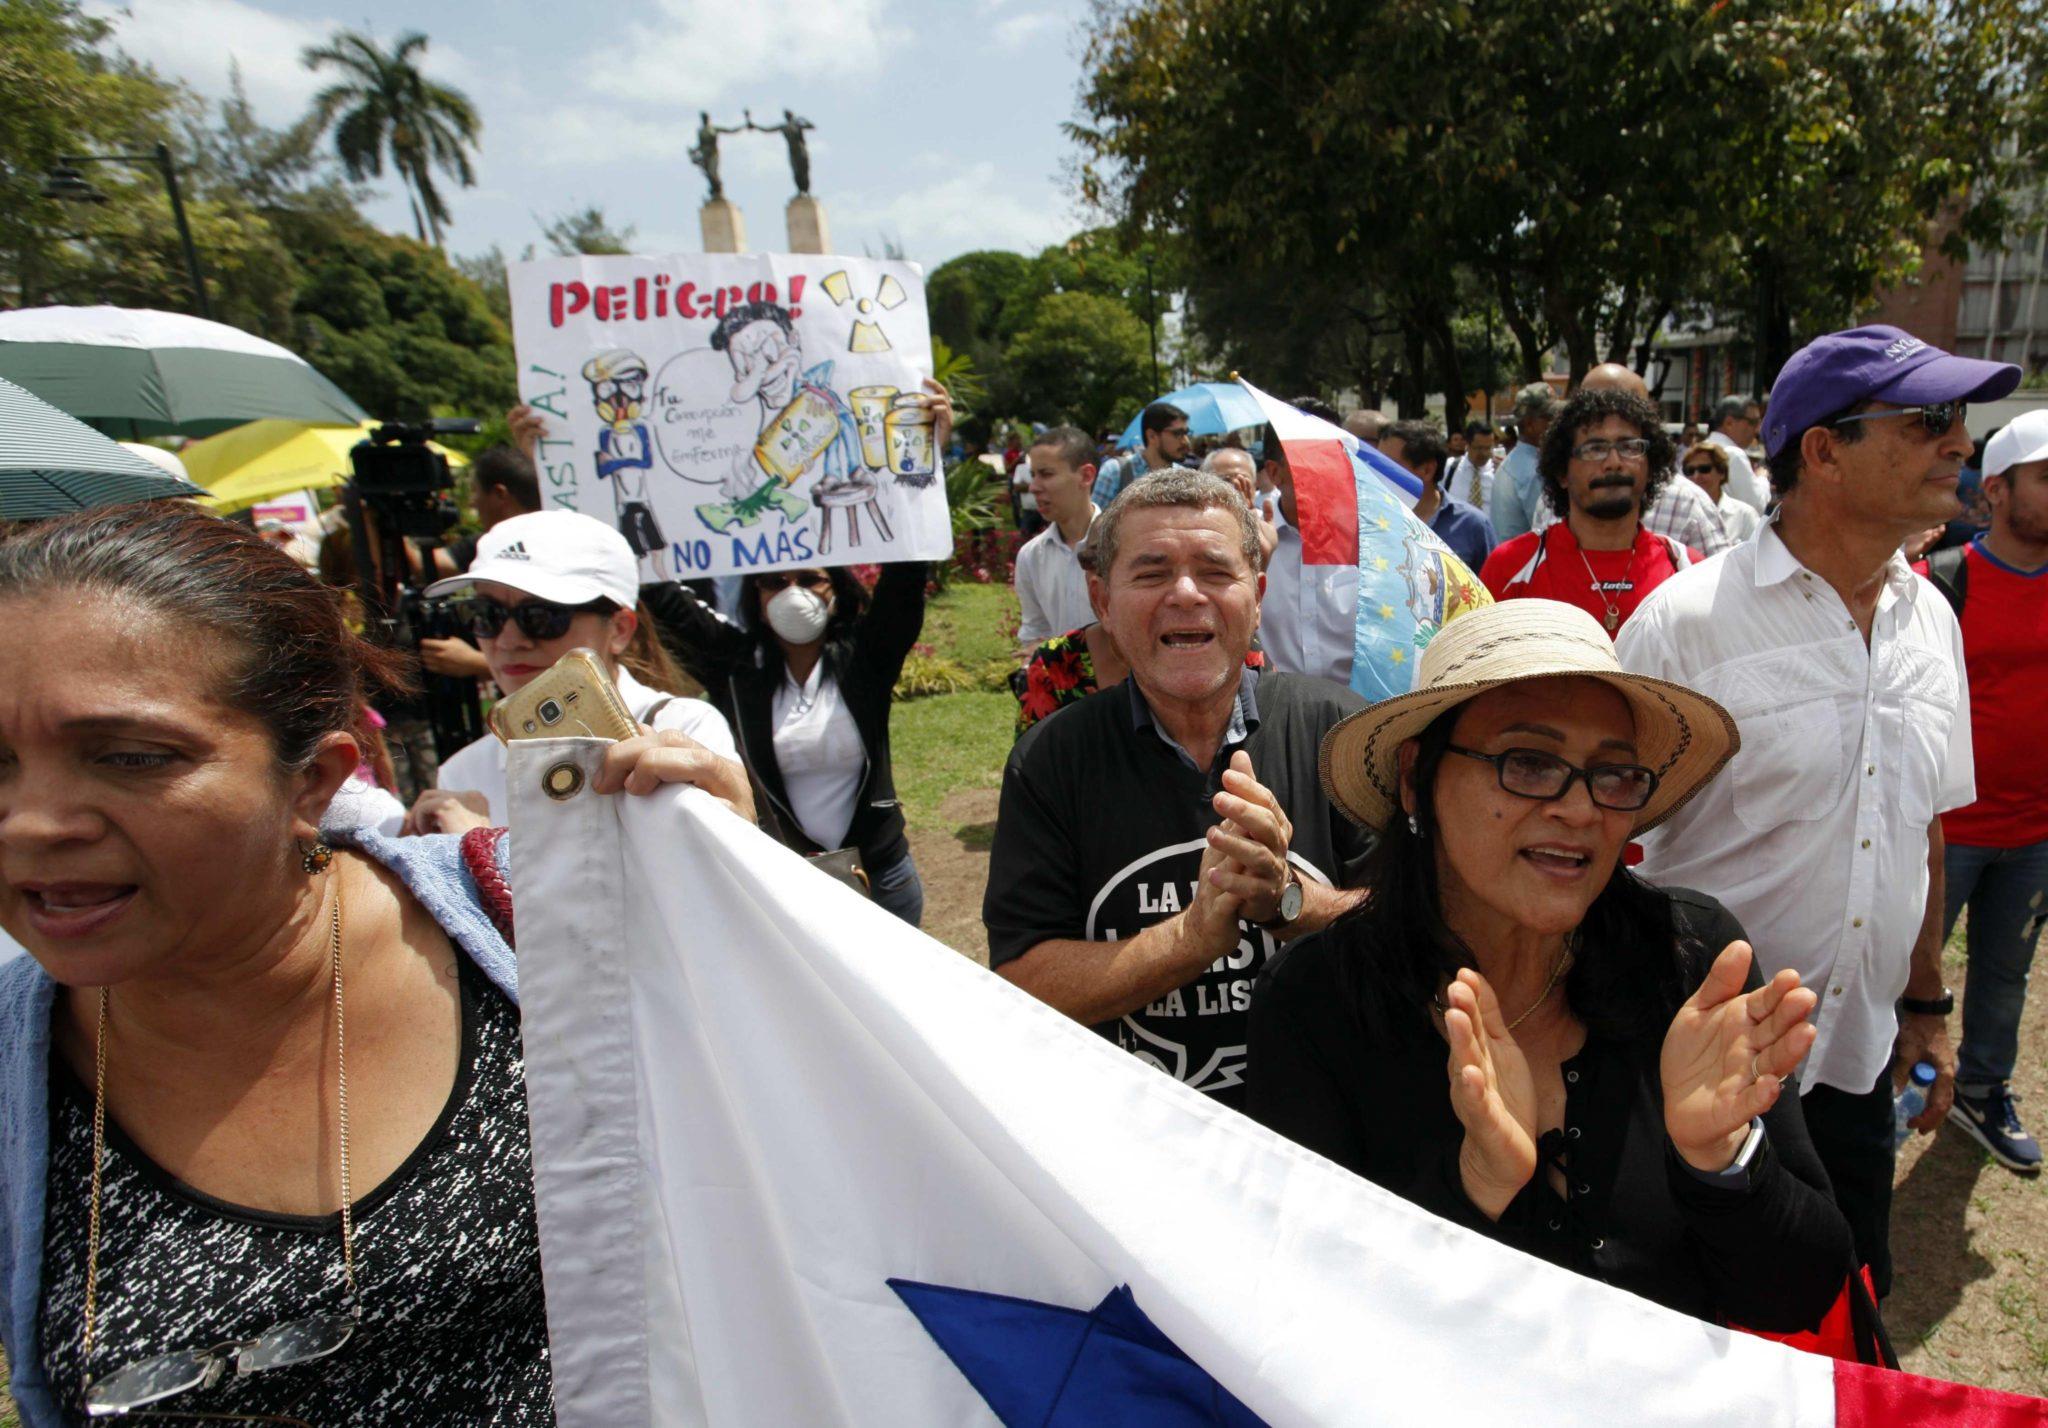 Setki obywateli demonstrują przed siedziba prokuratury w Panamie, domagają się nazwisk urzędników, którzy otrzymali łapówki od brazylijskiego konglomeratu budowlanego, fot: Alejandro Bolivar, PAP/EPA